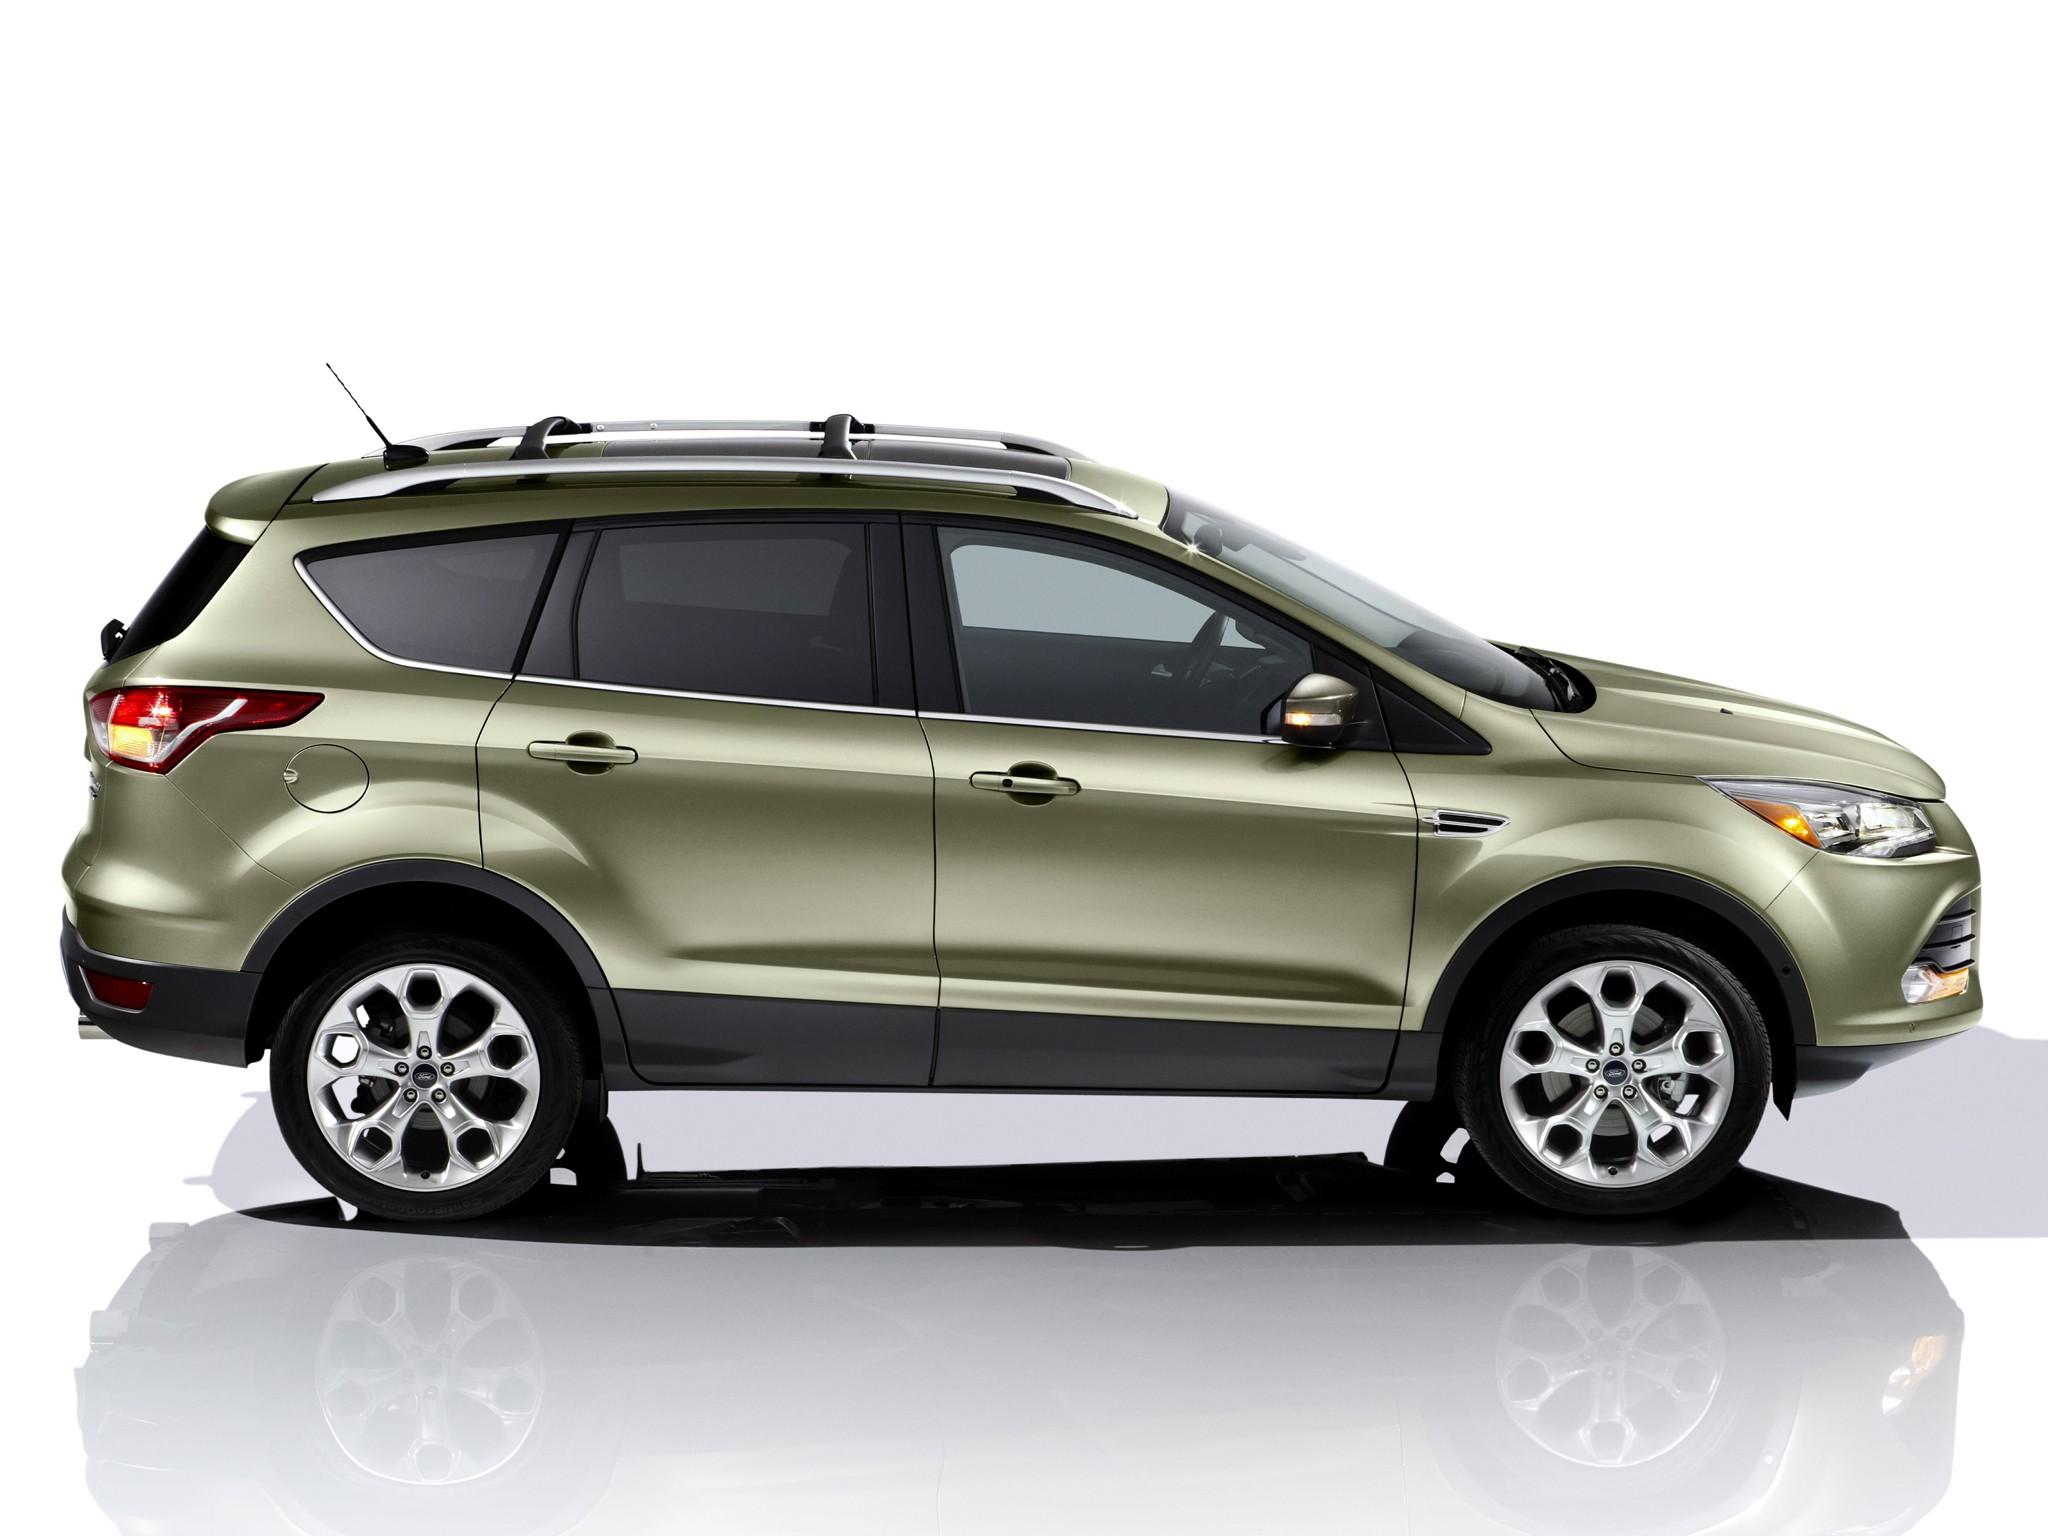 2013 Ford Escape Value >> FORD Escape - 2012, 2013, 2014, 2015, 2016 - autoevolution